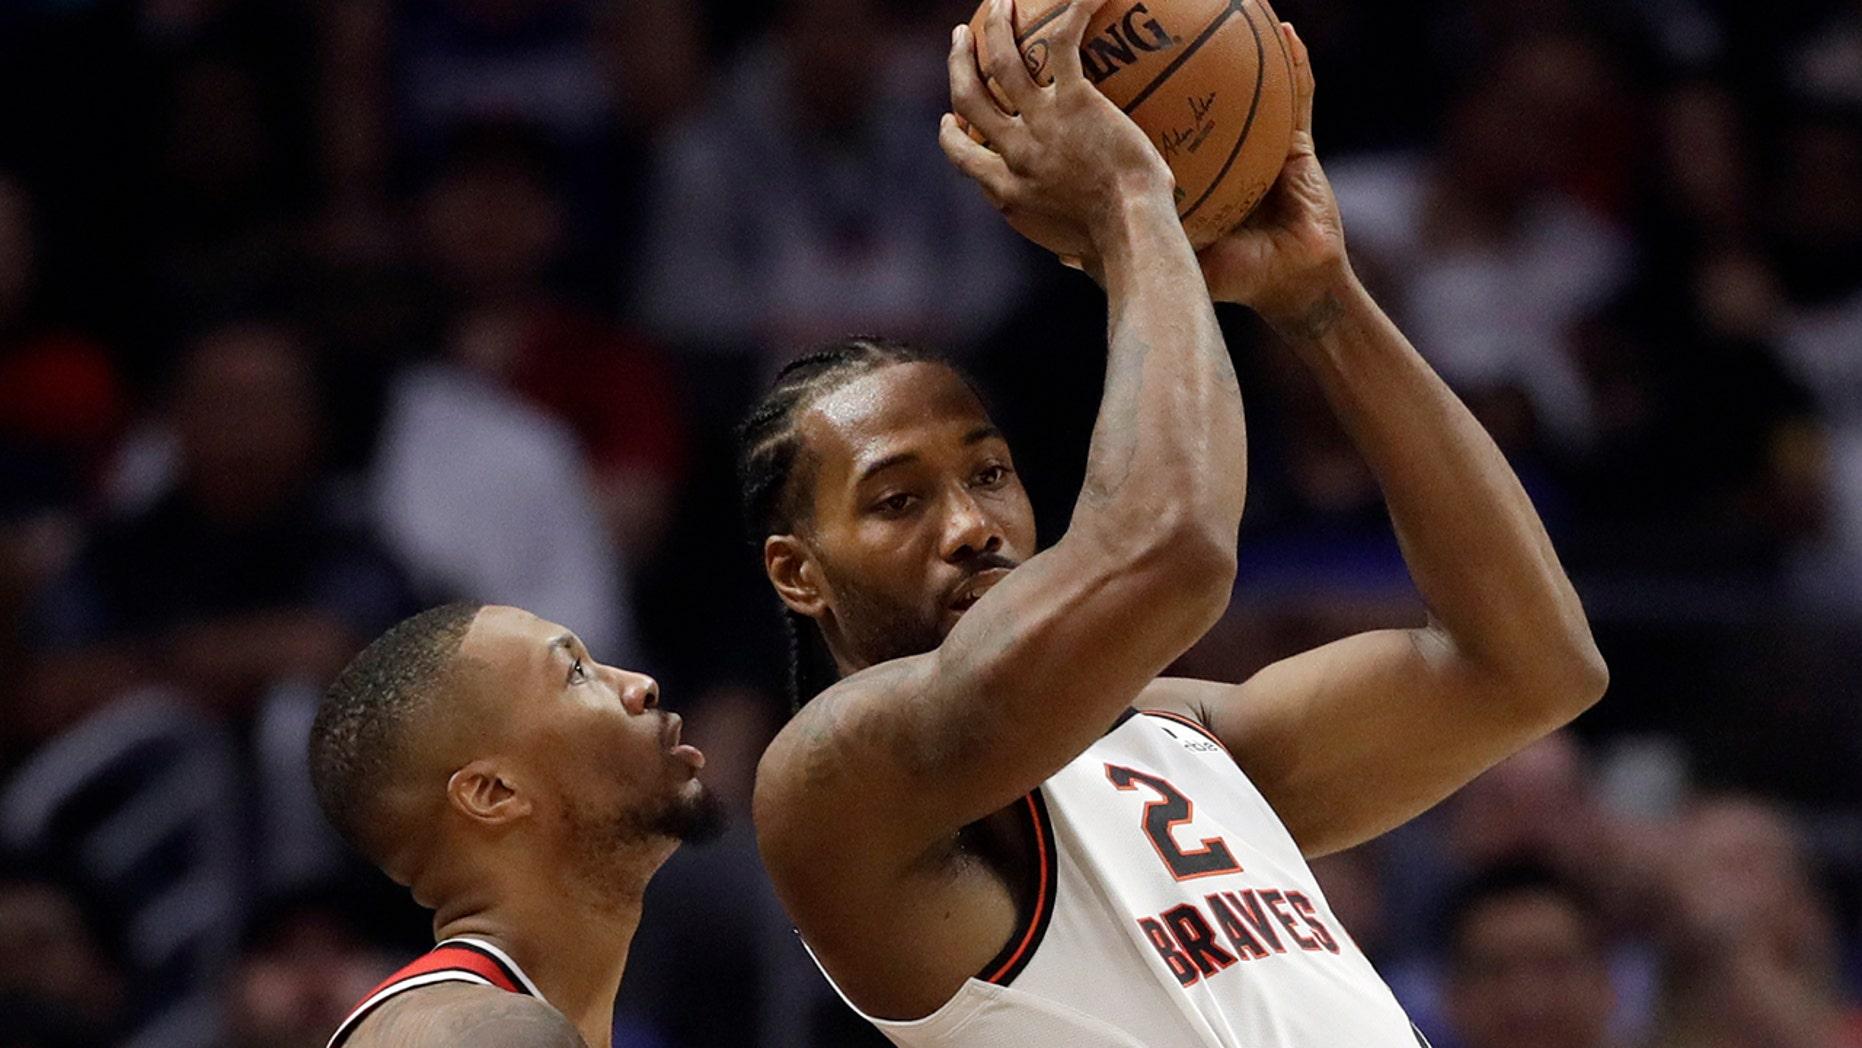 Kawhi Leonard (2) của Los Angeles Clippers được bảo vệ bởi Damian Lillard của Portland Trail Blazers trong nửa đầu của một trận bóng rổ NBA hôm thứ Năm, 7 tháng 11 năm 2019, tại Los Angeles. (Ảnh AP / Marcio Jose Sanchez)